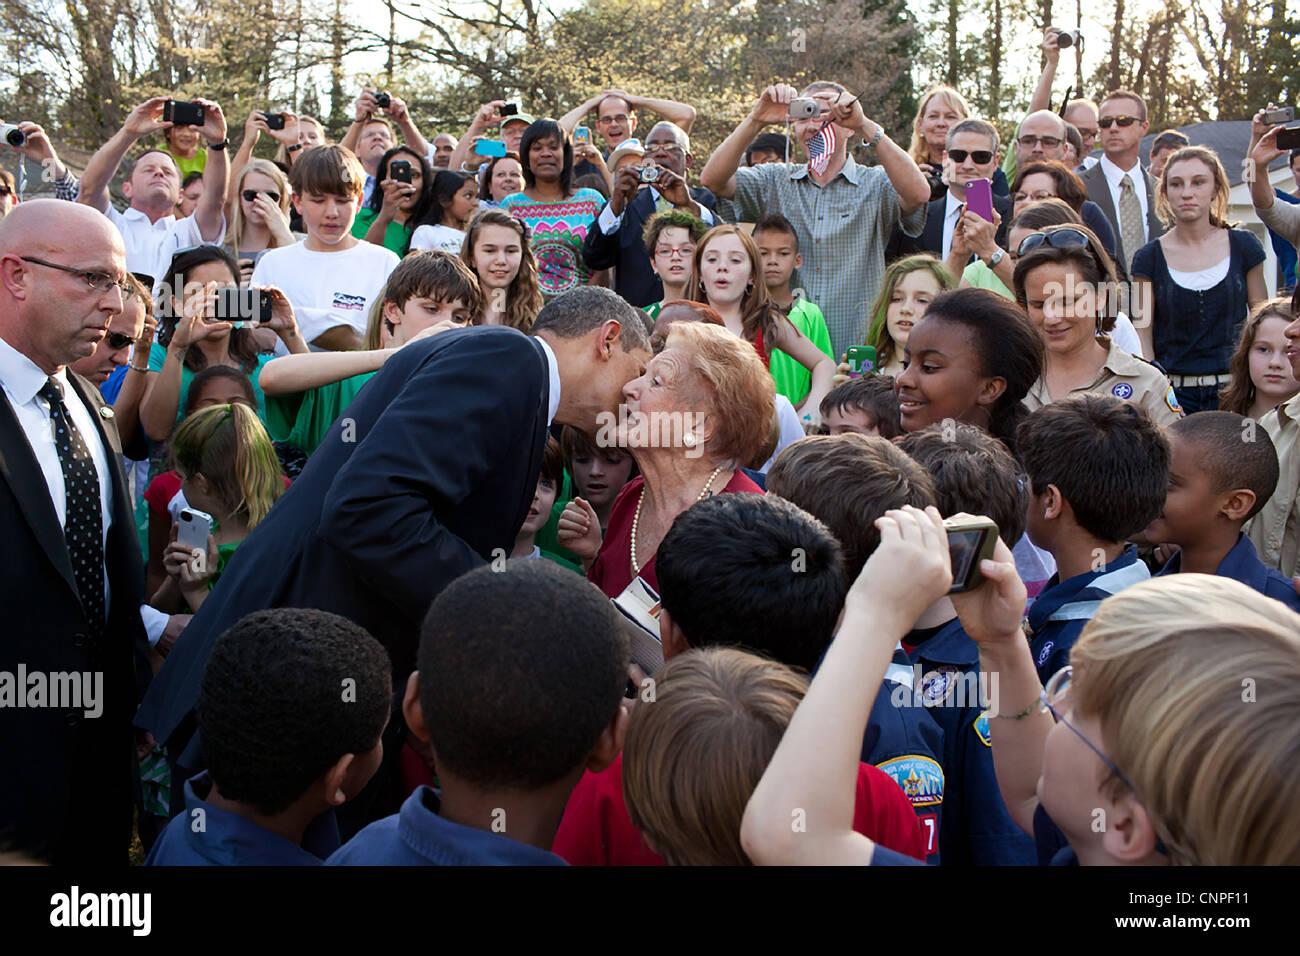 US-Präsident Barack Obama begrüßt Nachbarn und Unterstützer bei einem Besuch in einer Nachbarschaft Stockbild